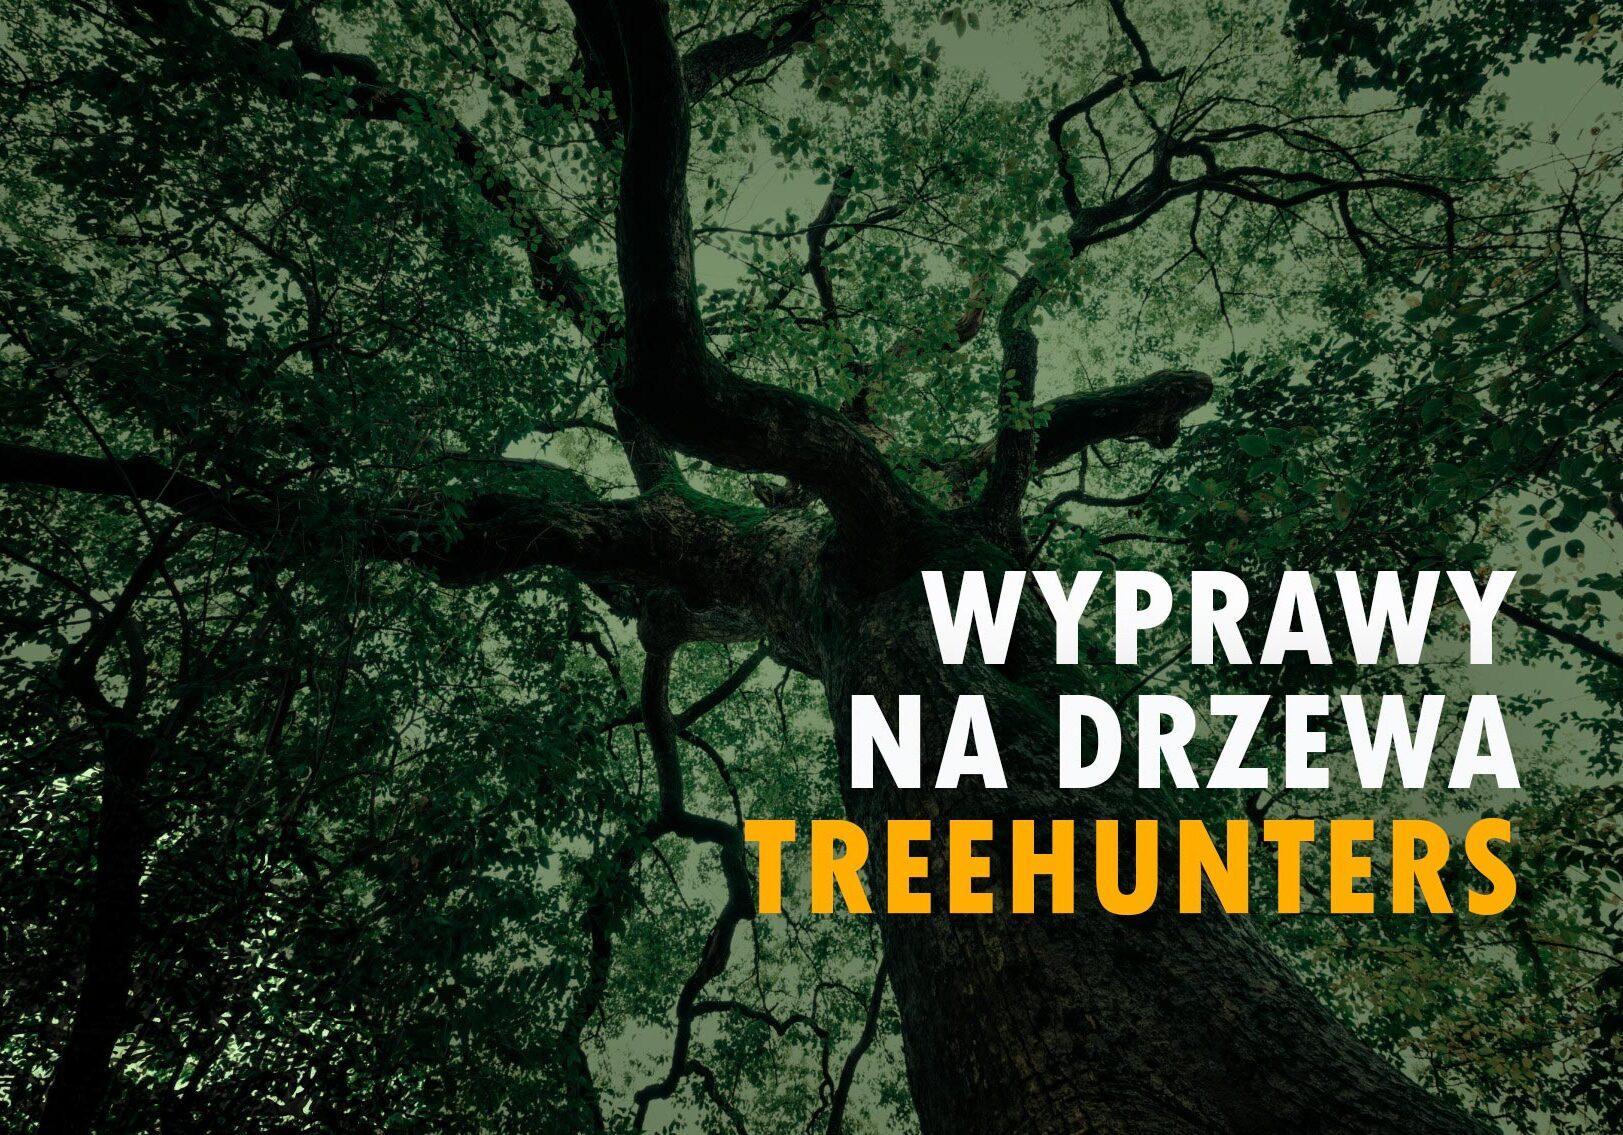 Wyprawy na drzewa Treehunters